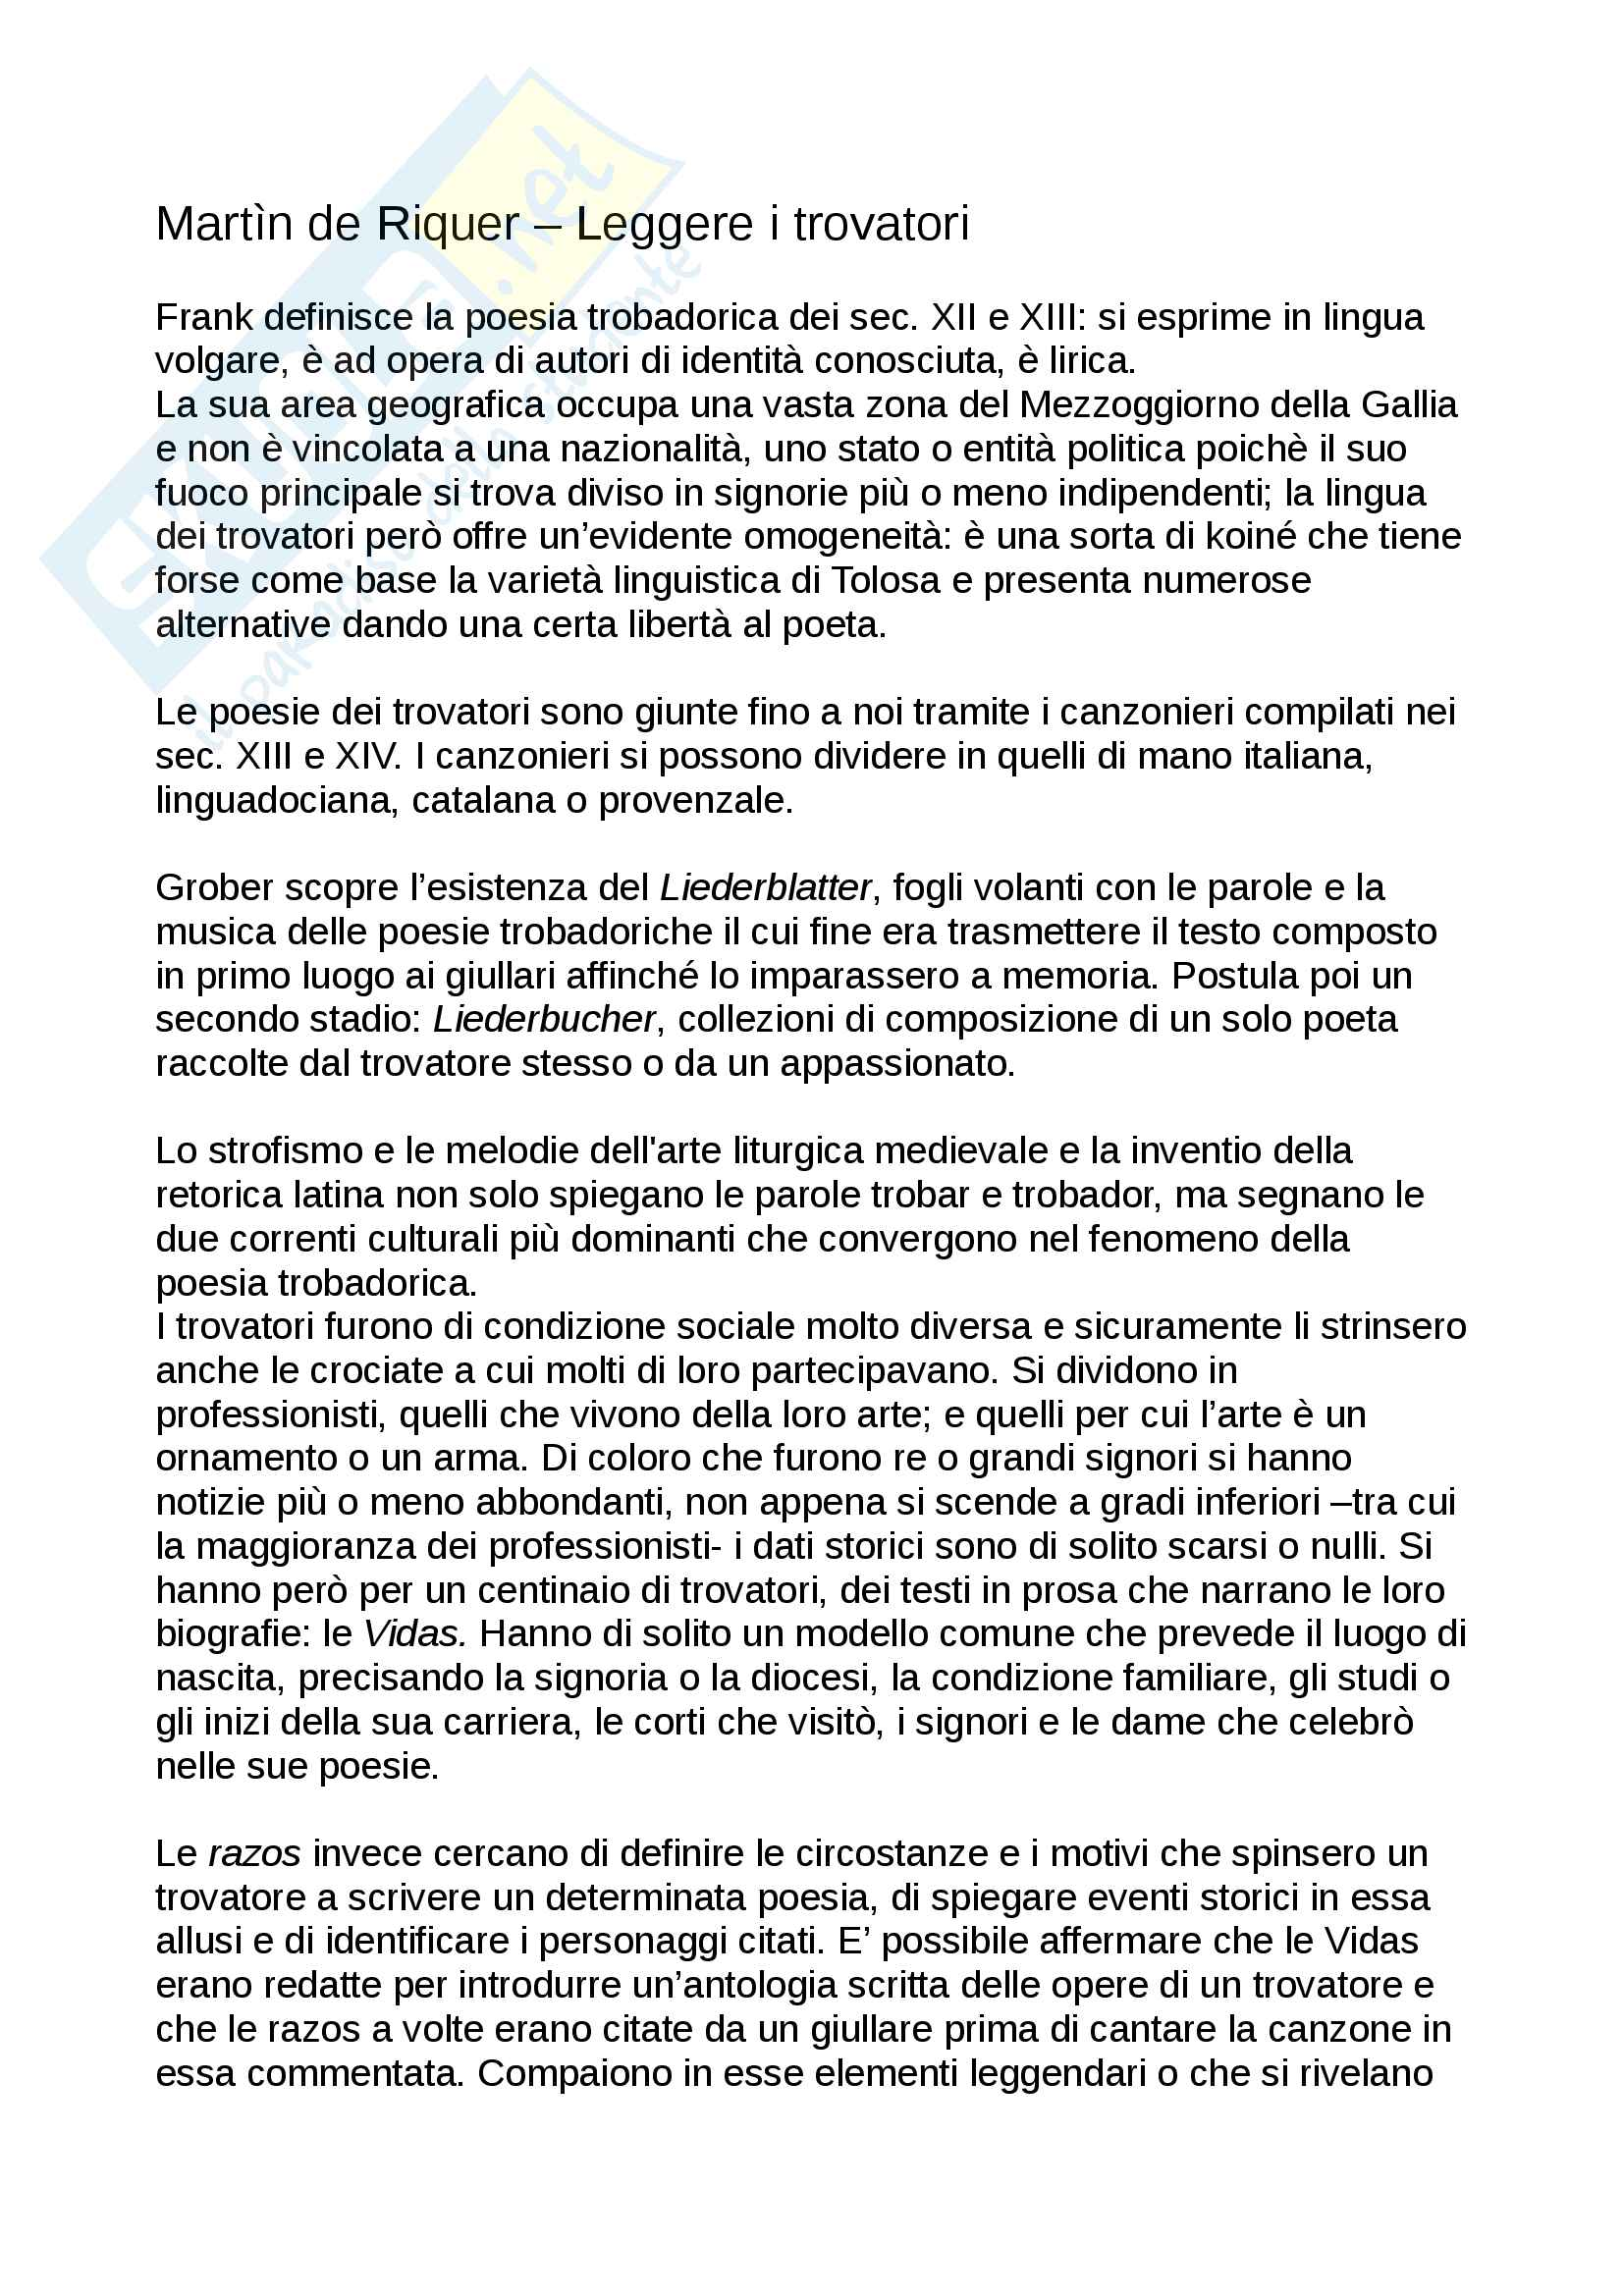 Riassunto esame Filologia romanza, Prof. Canettieri. Libro consigliato Leggere i trovatori, M. de Riquer